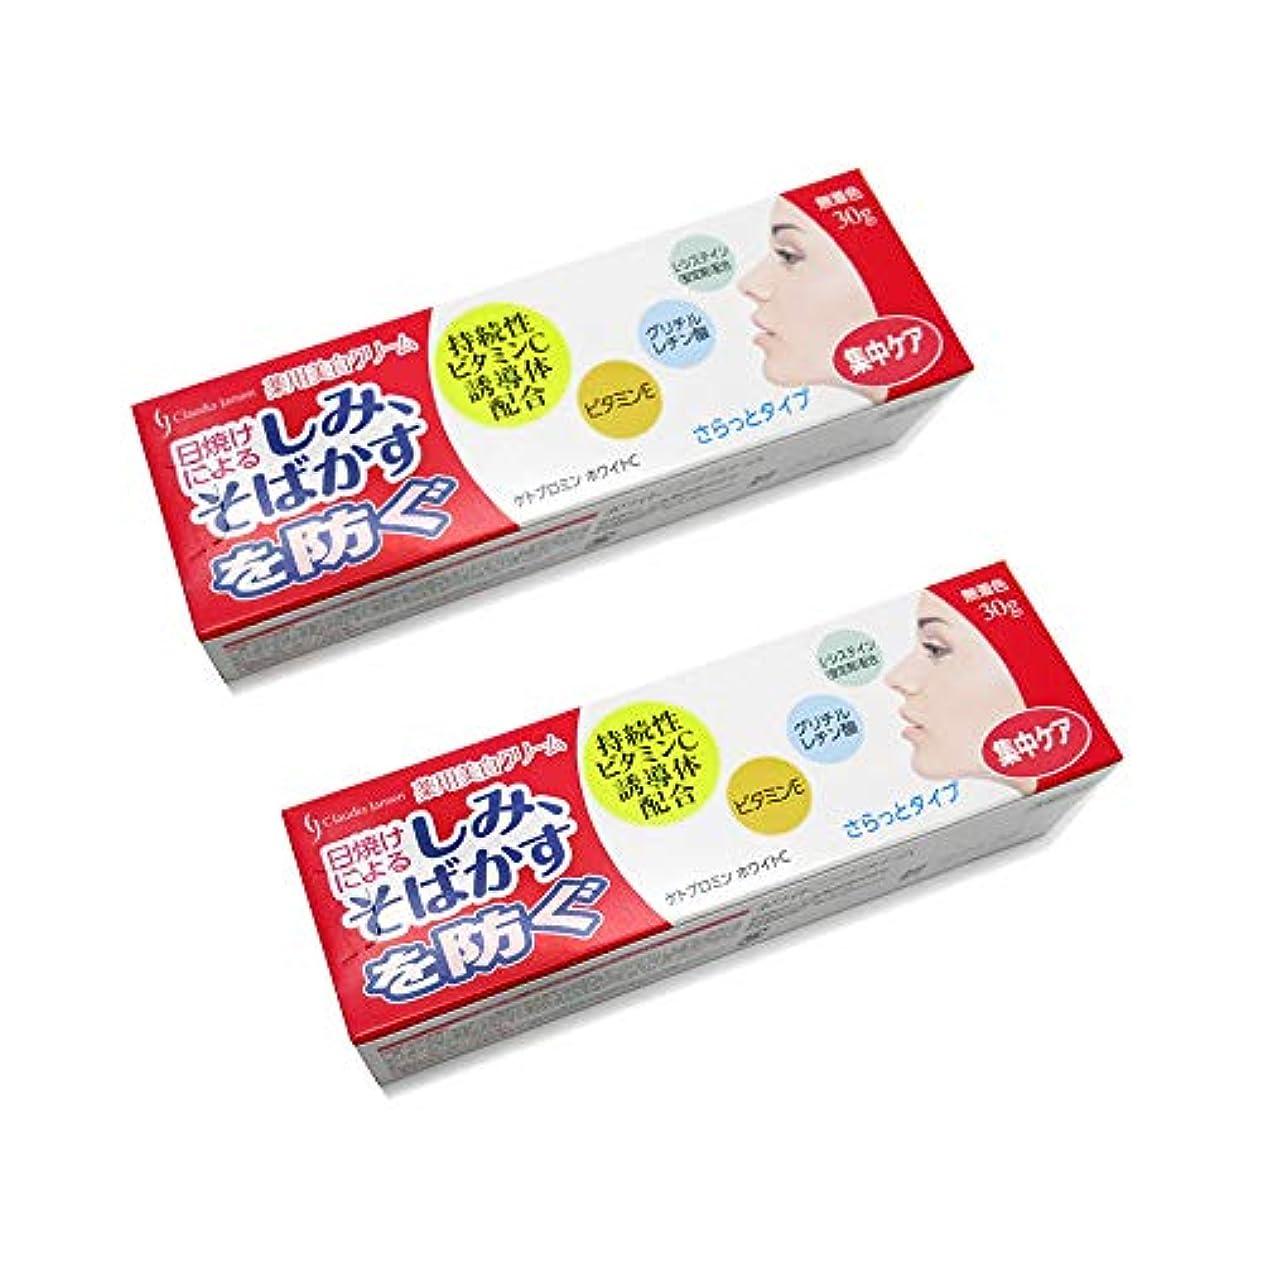 裸ファセット世界的に薬用ホワイトニングクリームC 30g 2個セット 美白クリーム 薬用 美白クリーム 美白ケア 医薬部外品